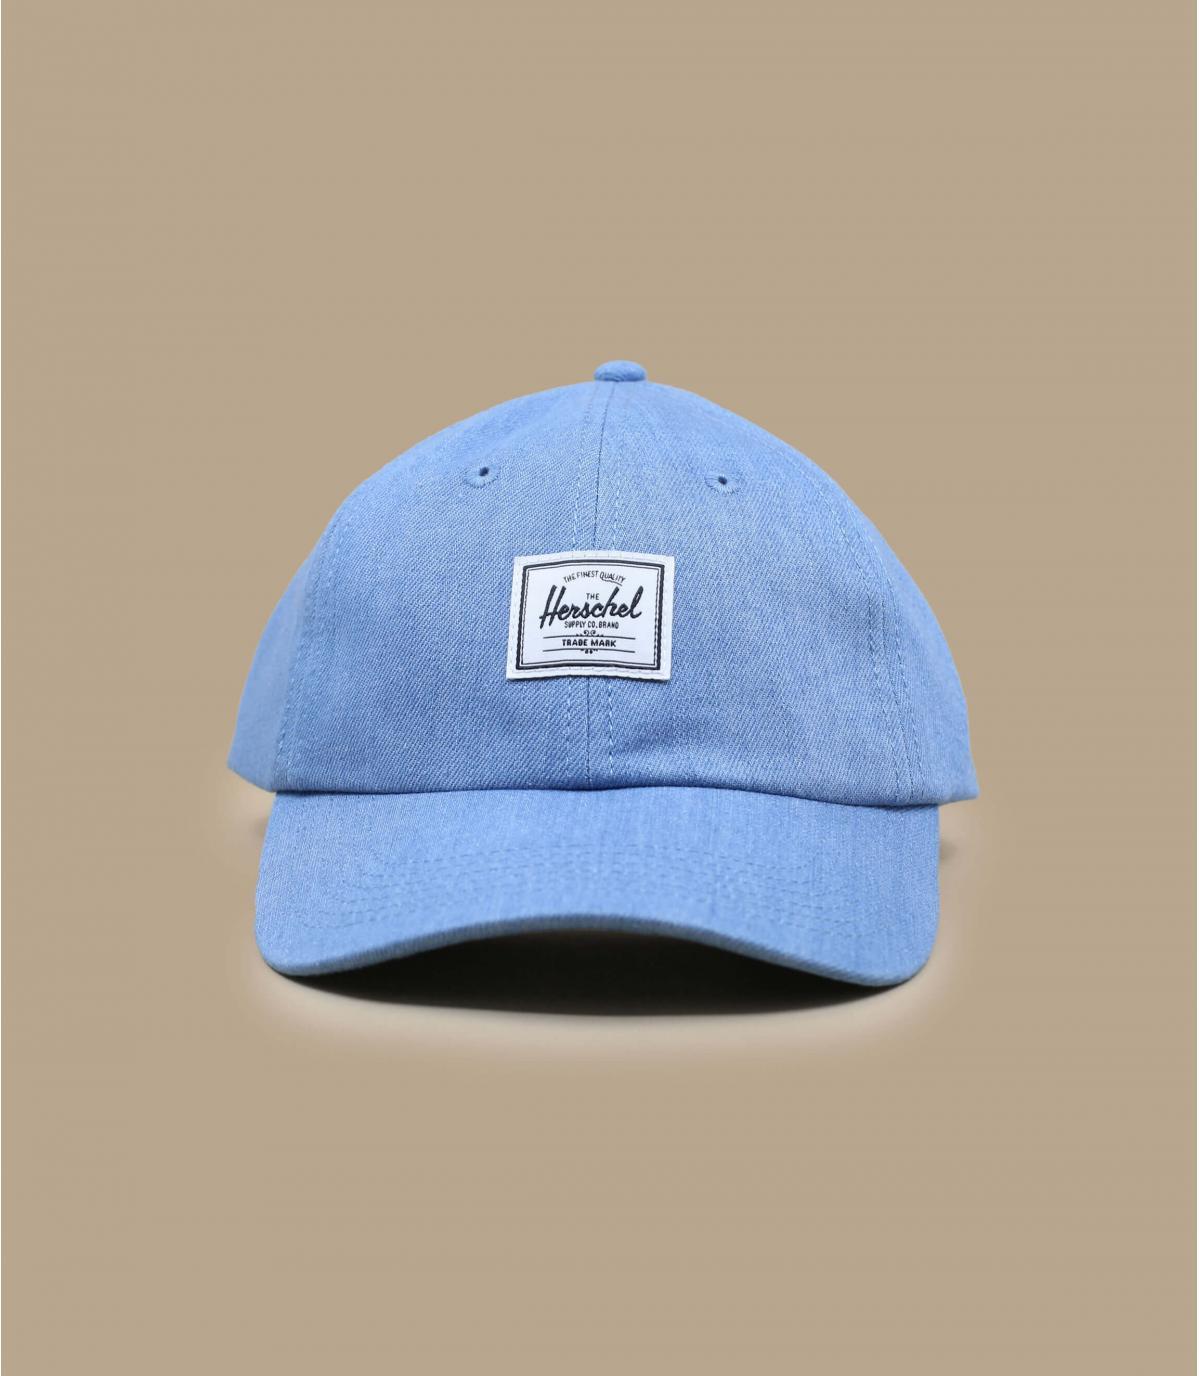 casquette Herschel bleu ciel